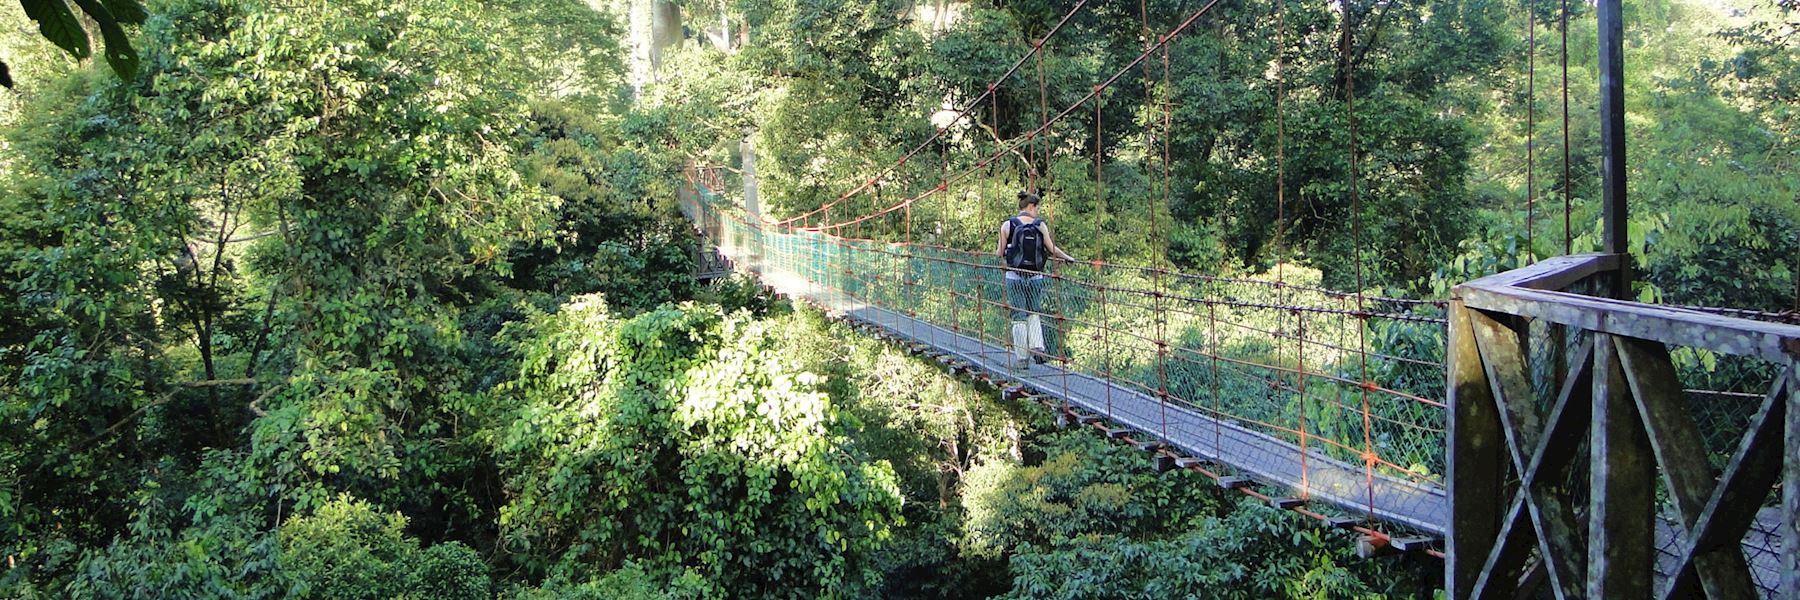 Visit Danum Valley, Borneo